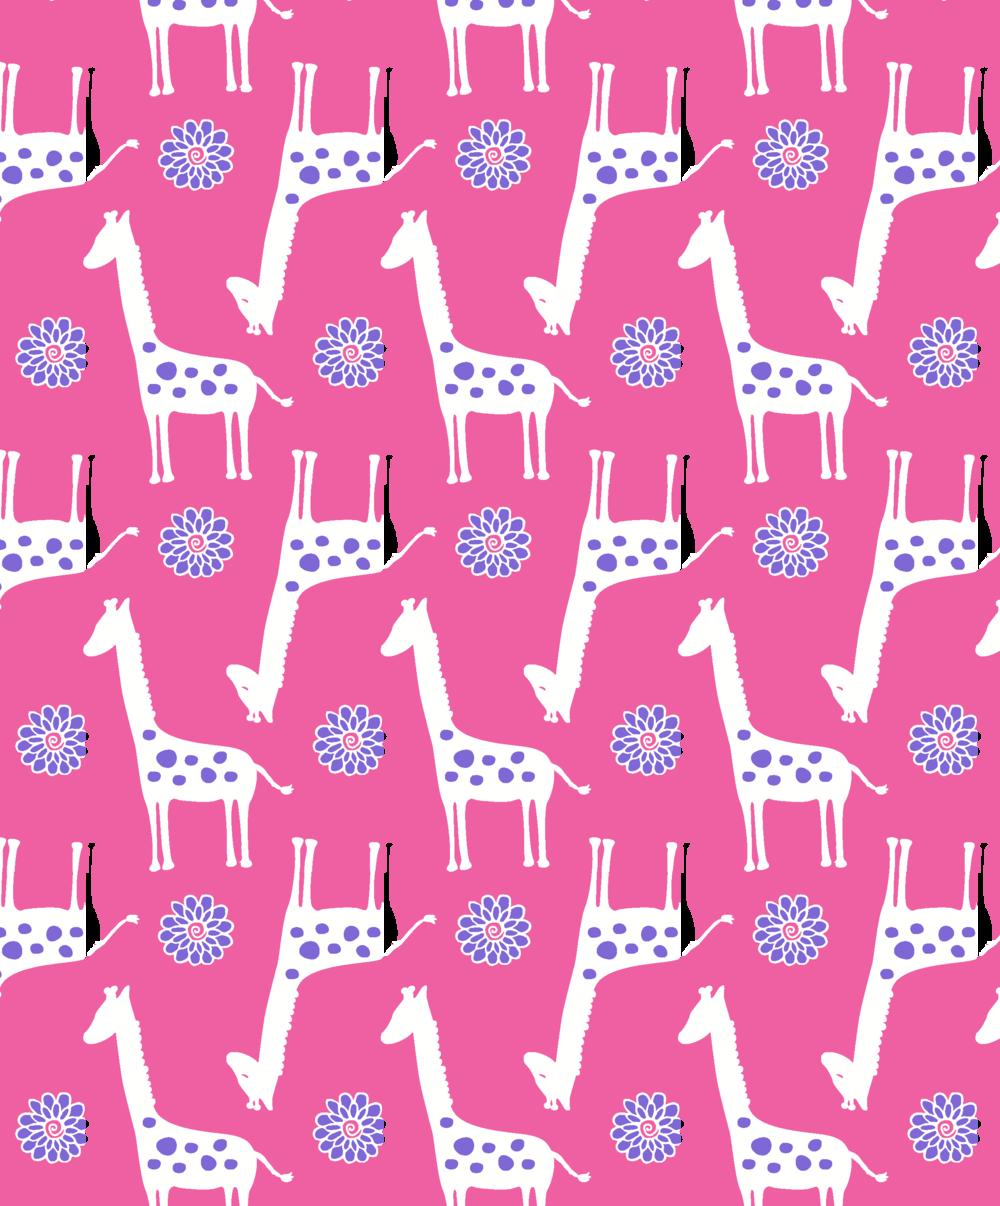 pinkgirrafe.png